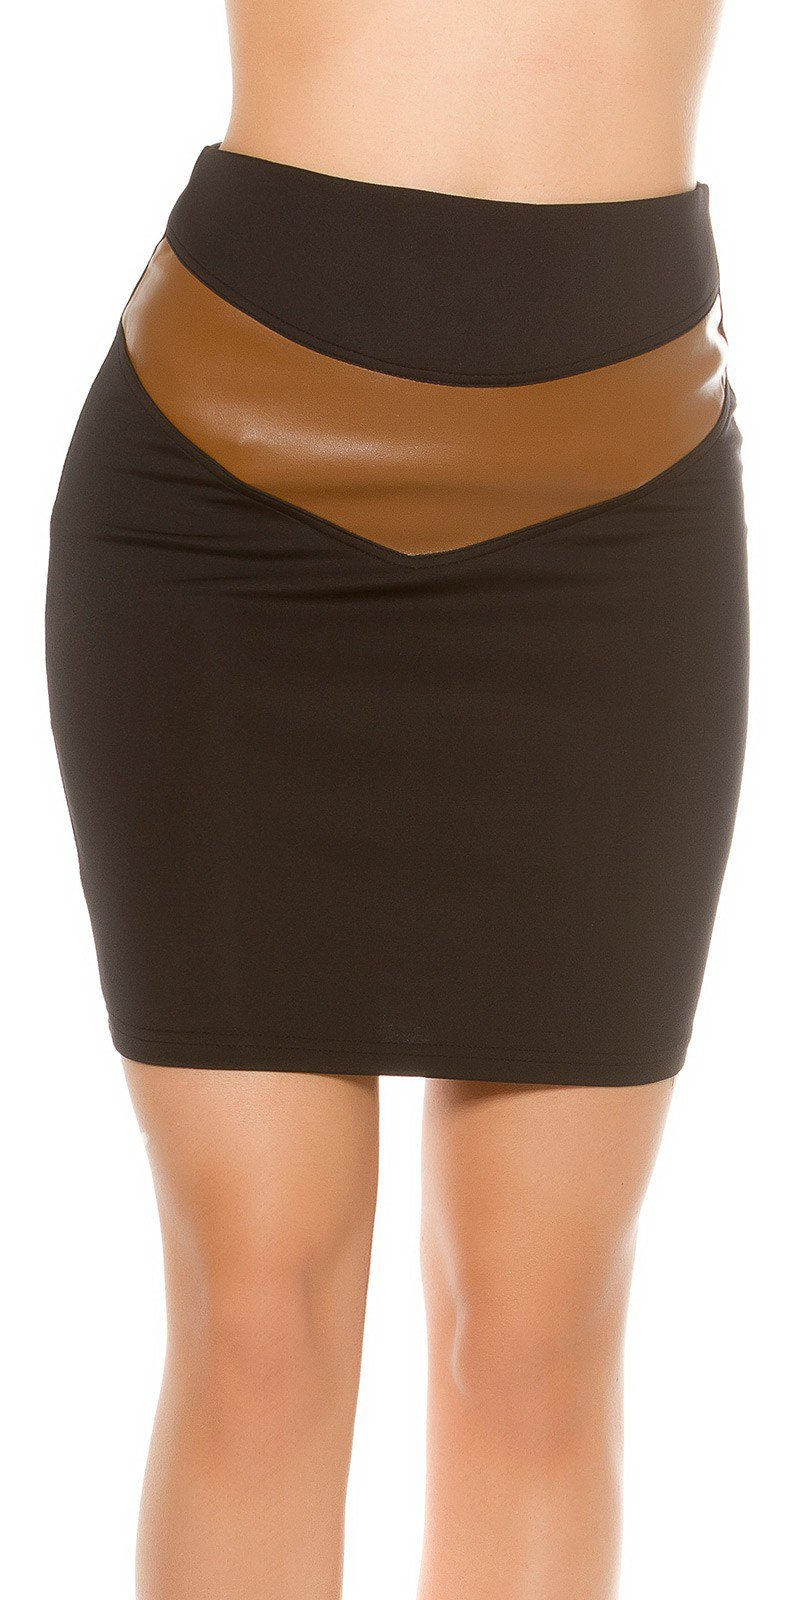 d01b5206270f Dámska zvýšená sukňa s aplikáciami koženého vzhľadu - NajlepsiaModa.sk